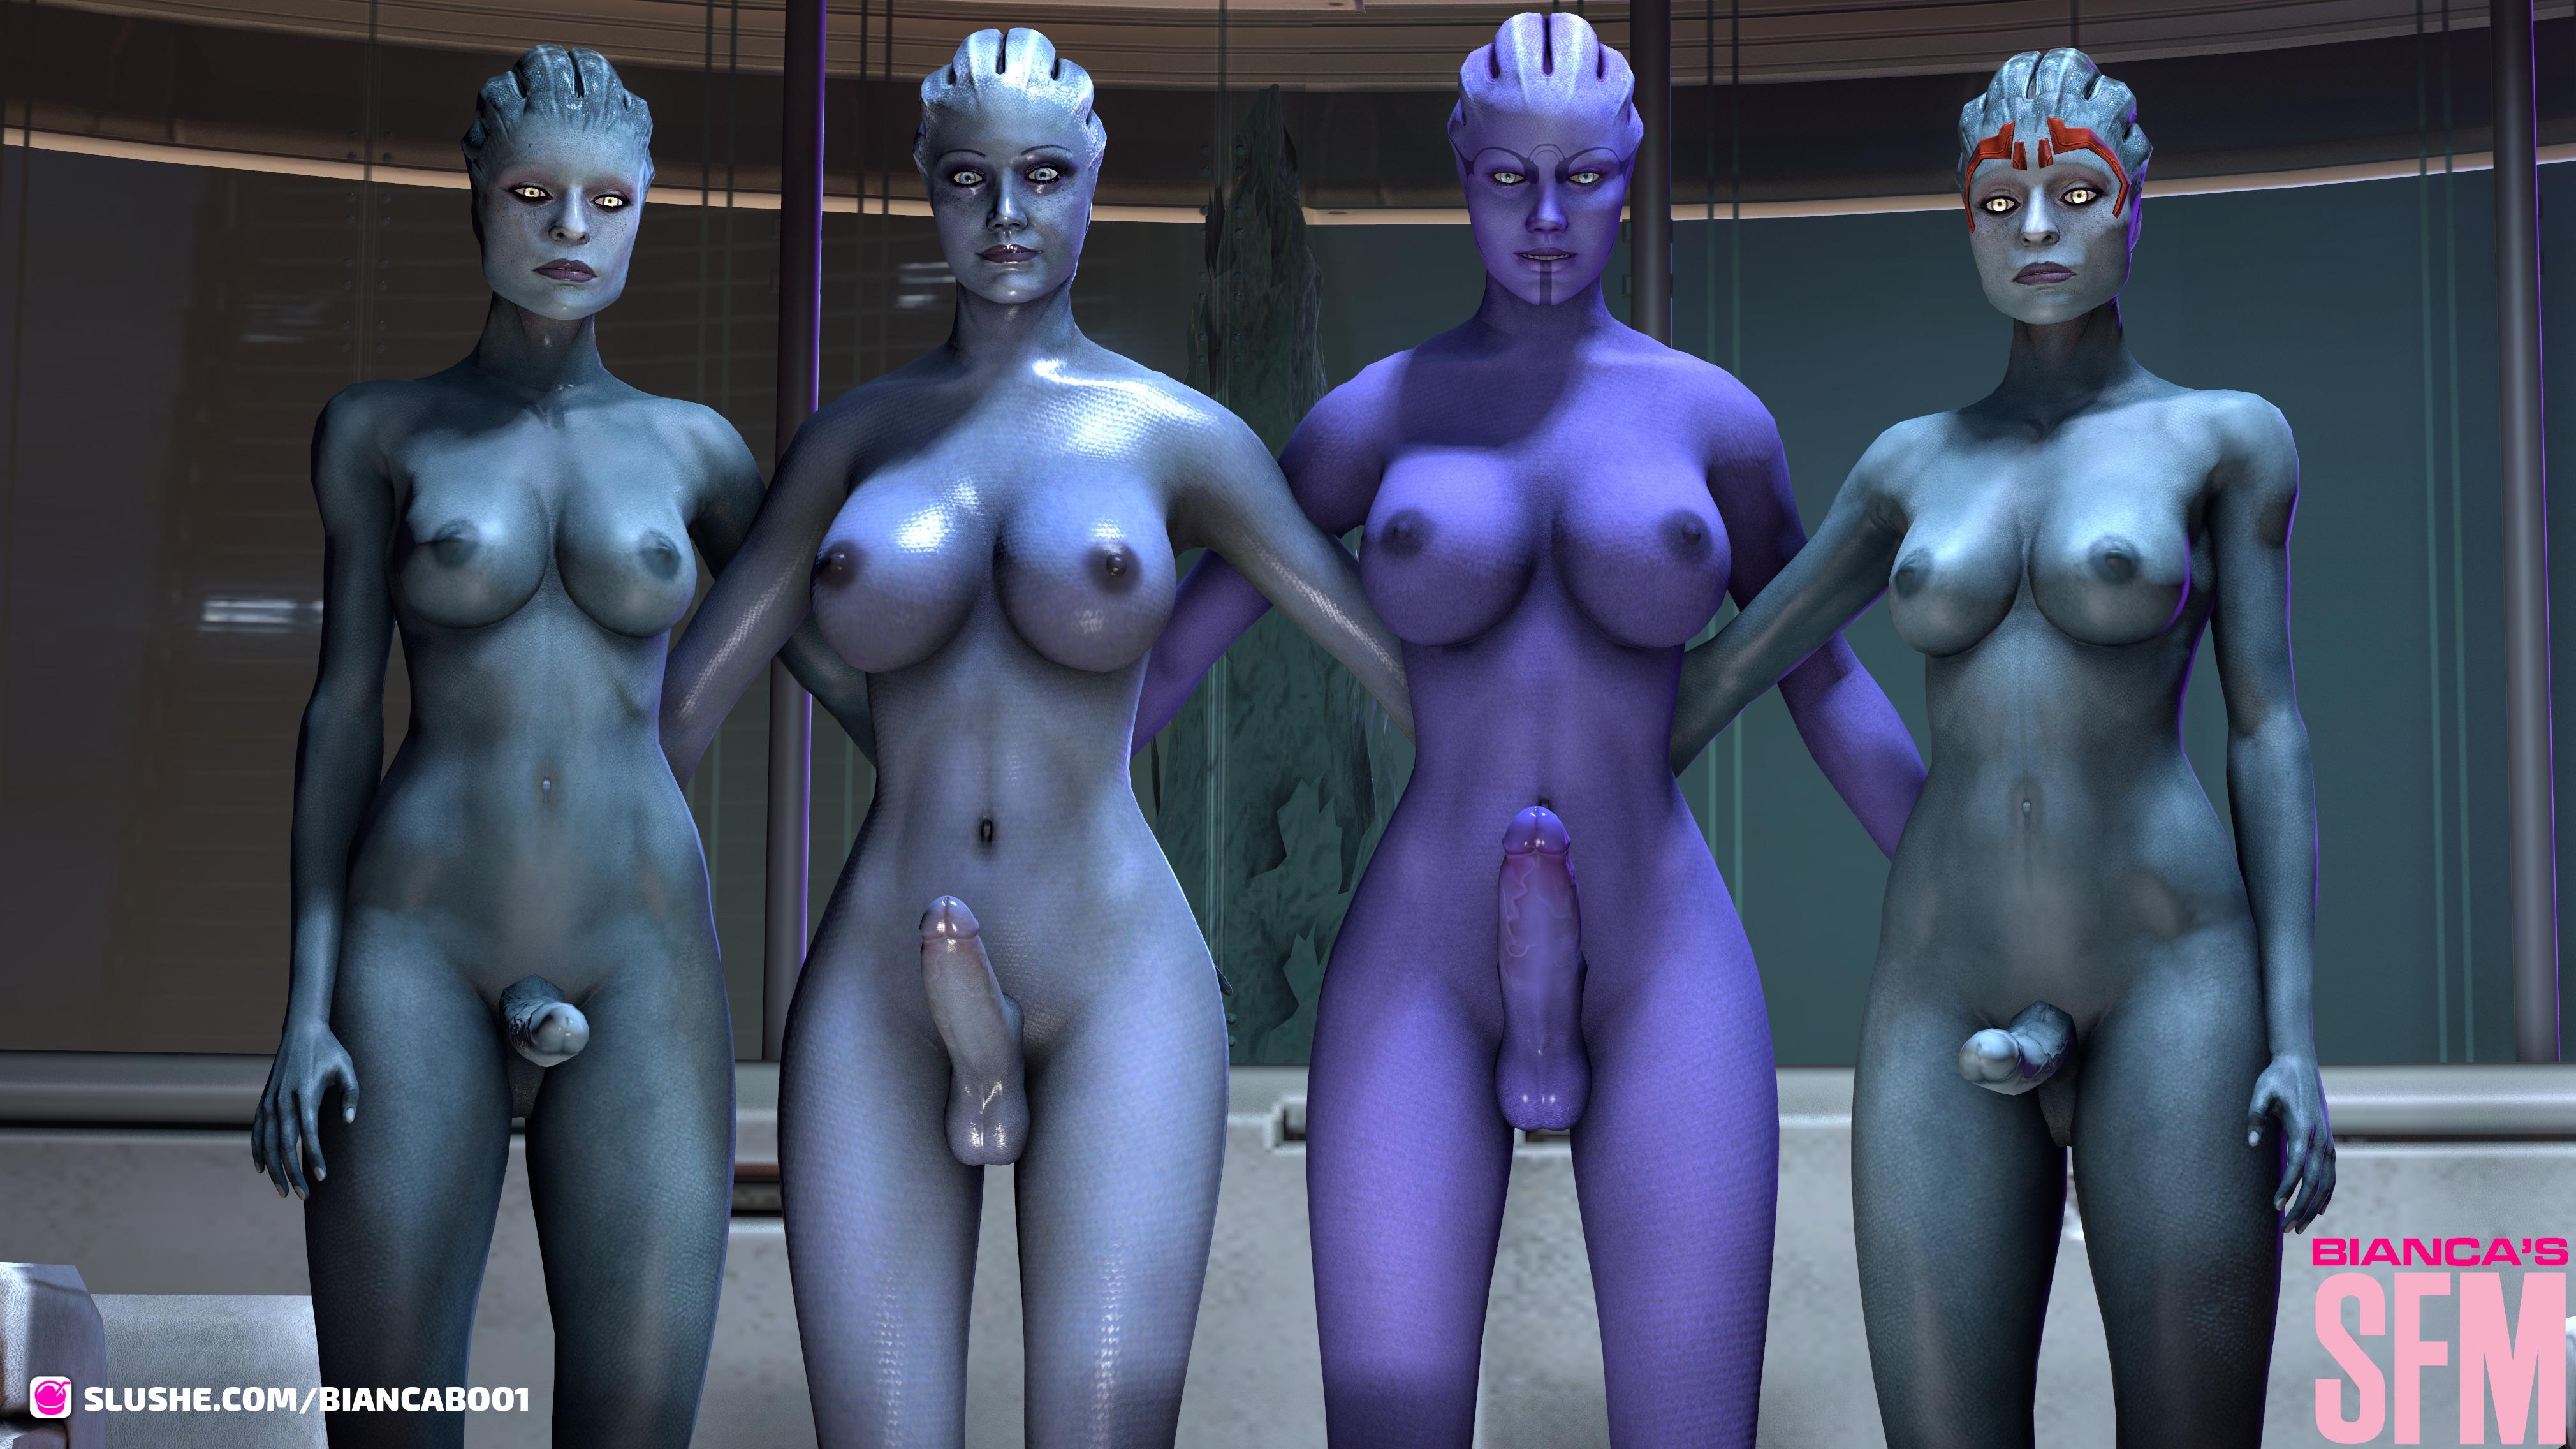 Asari Nude Party